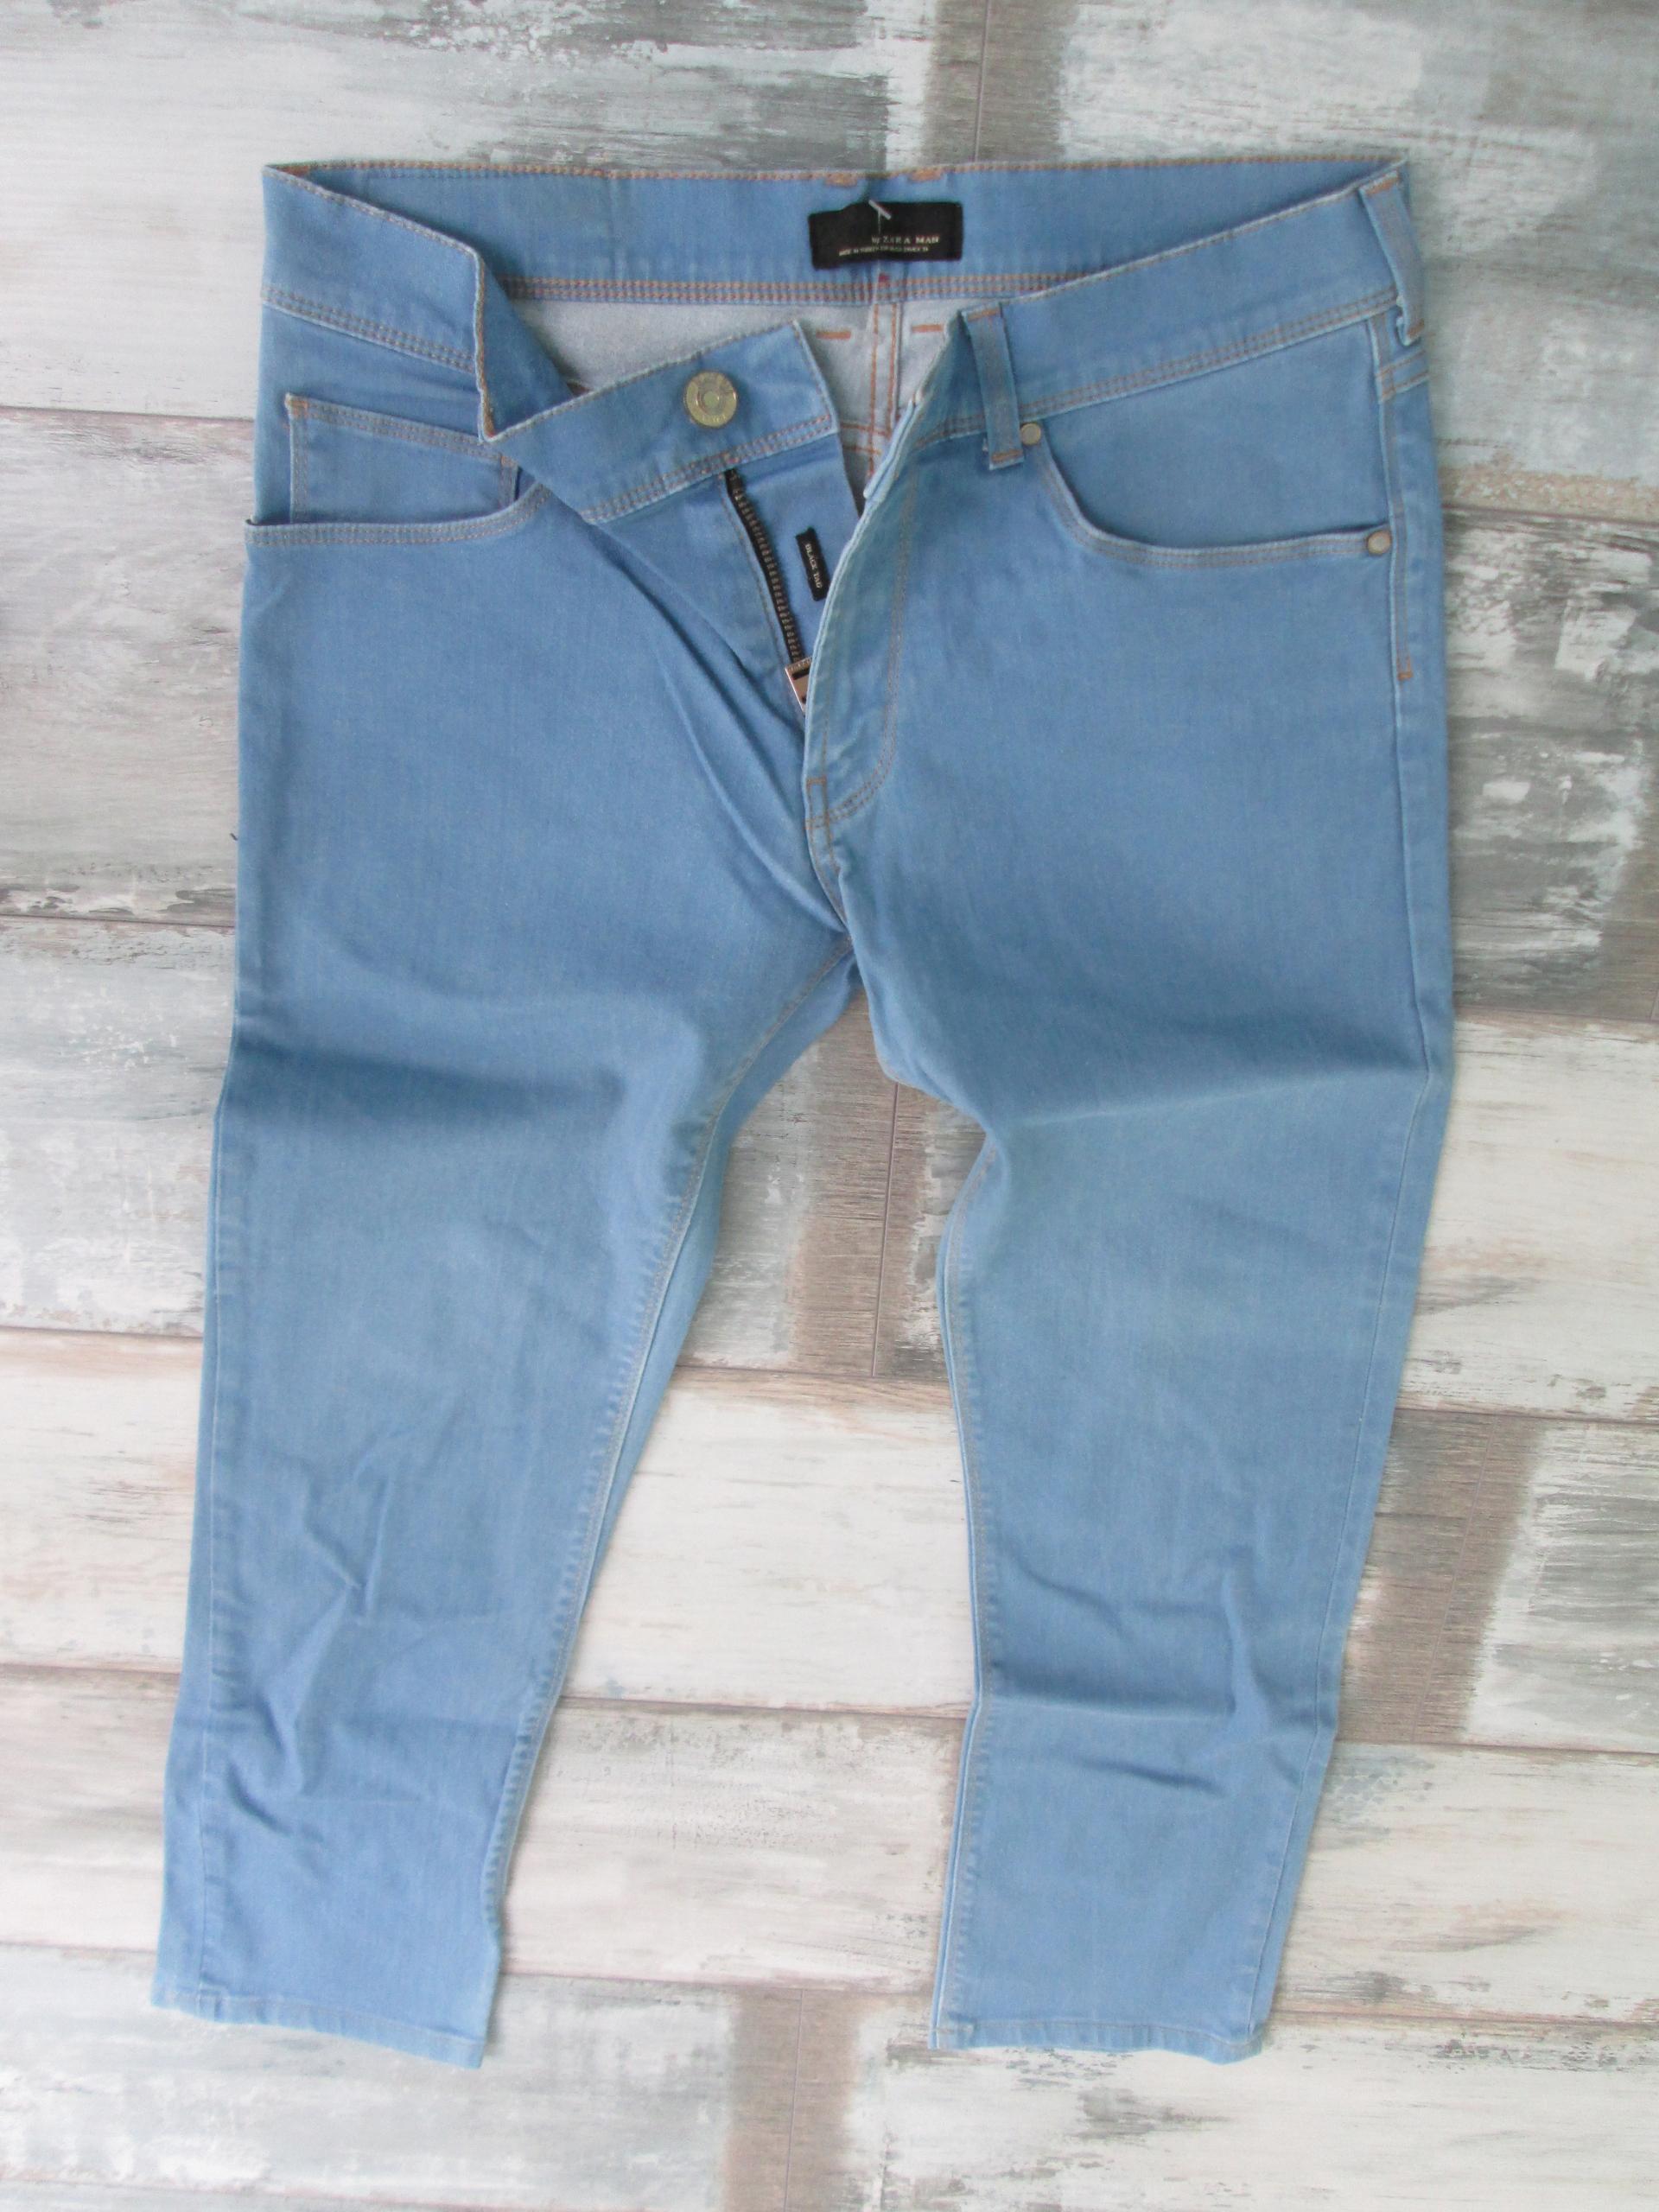 ZARA__skinny rurki jeans męskie STRETCH__W31L30 40